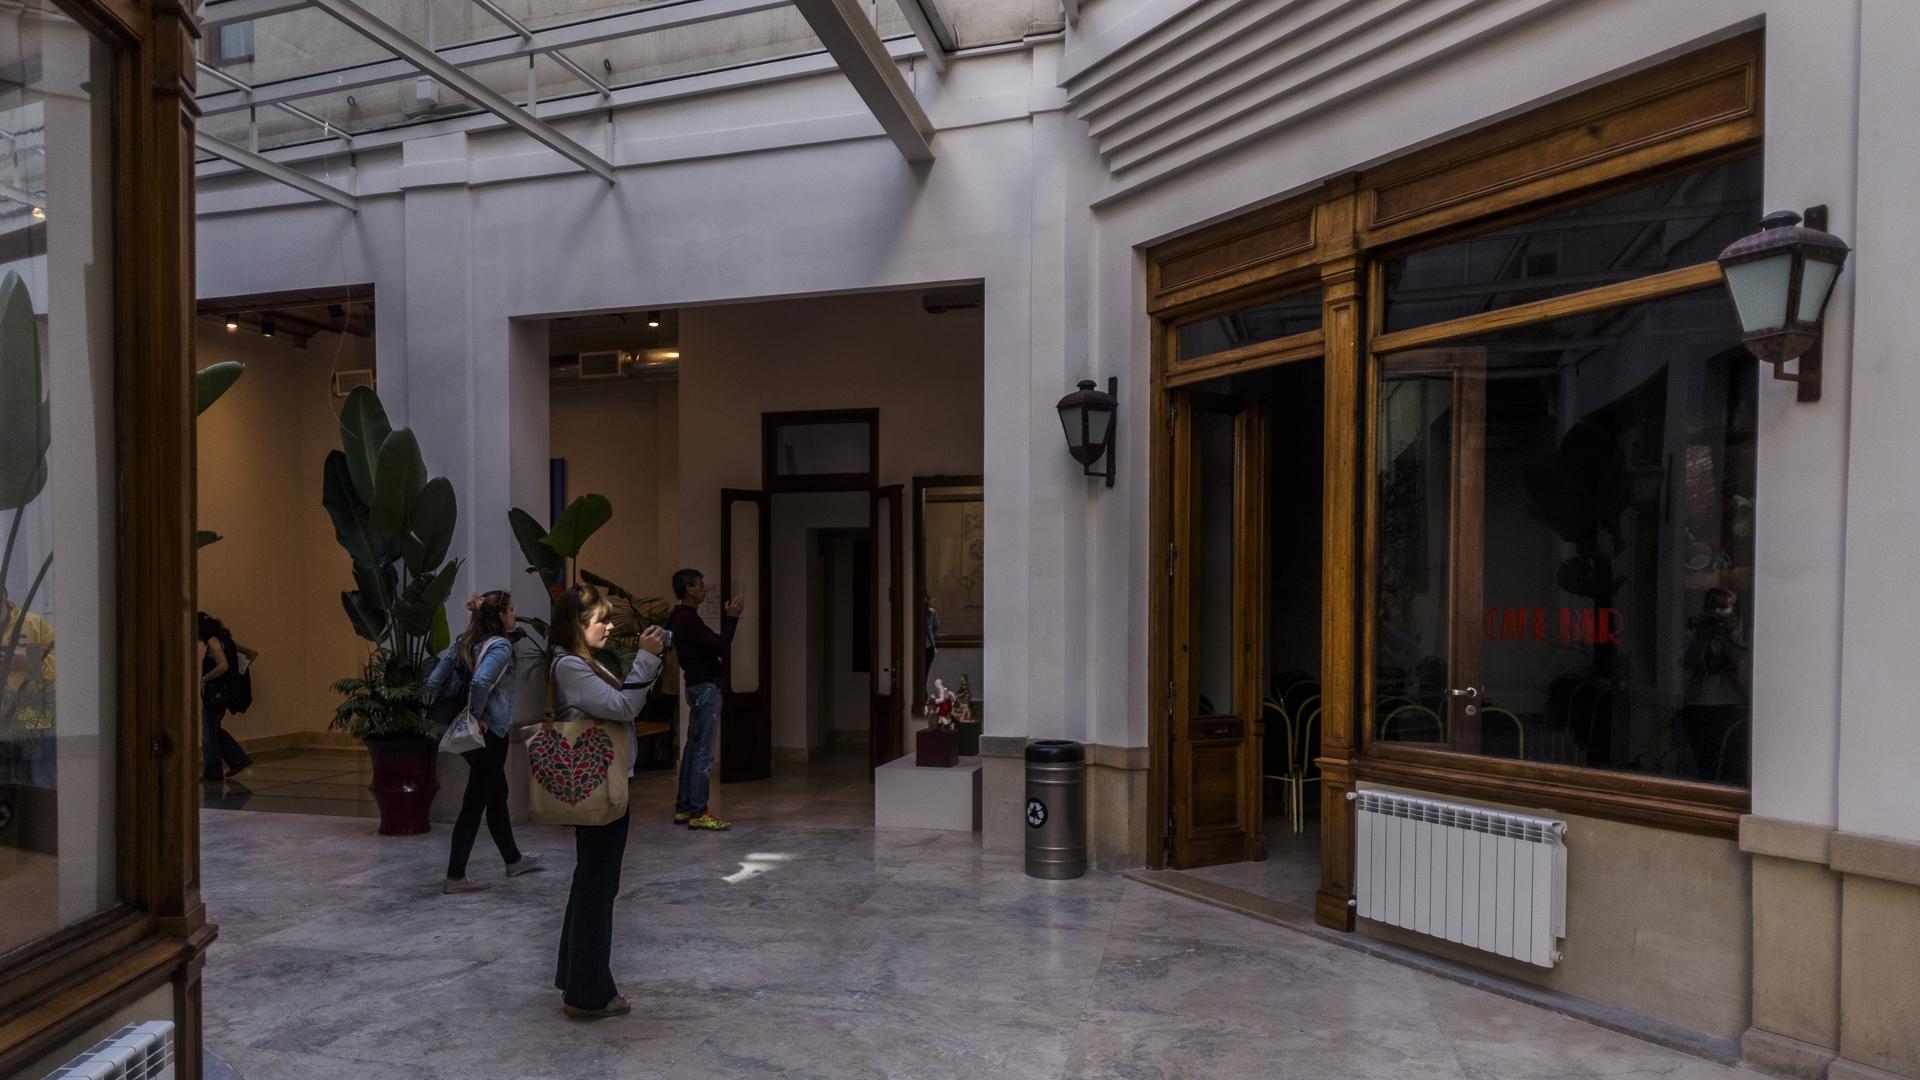 A principios del siglo XXI, se inician los trabajos de restauración y puesta en valor del pasaje, para adaptarlo a la función de hotel.